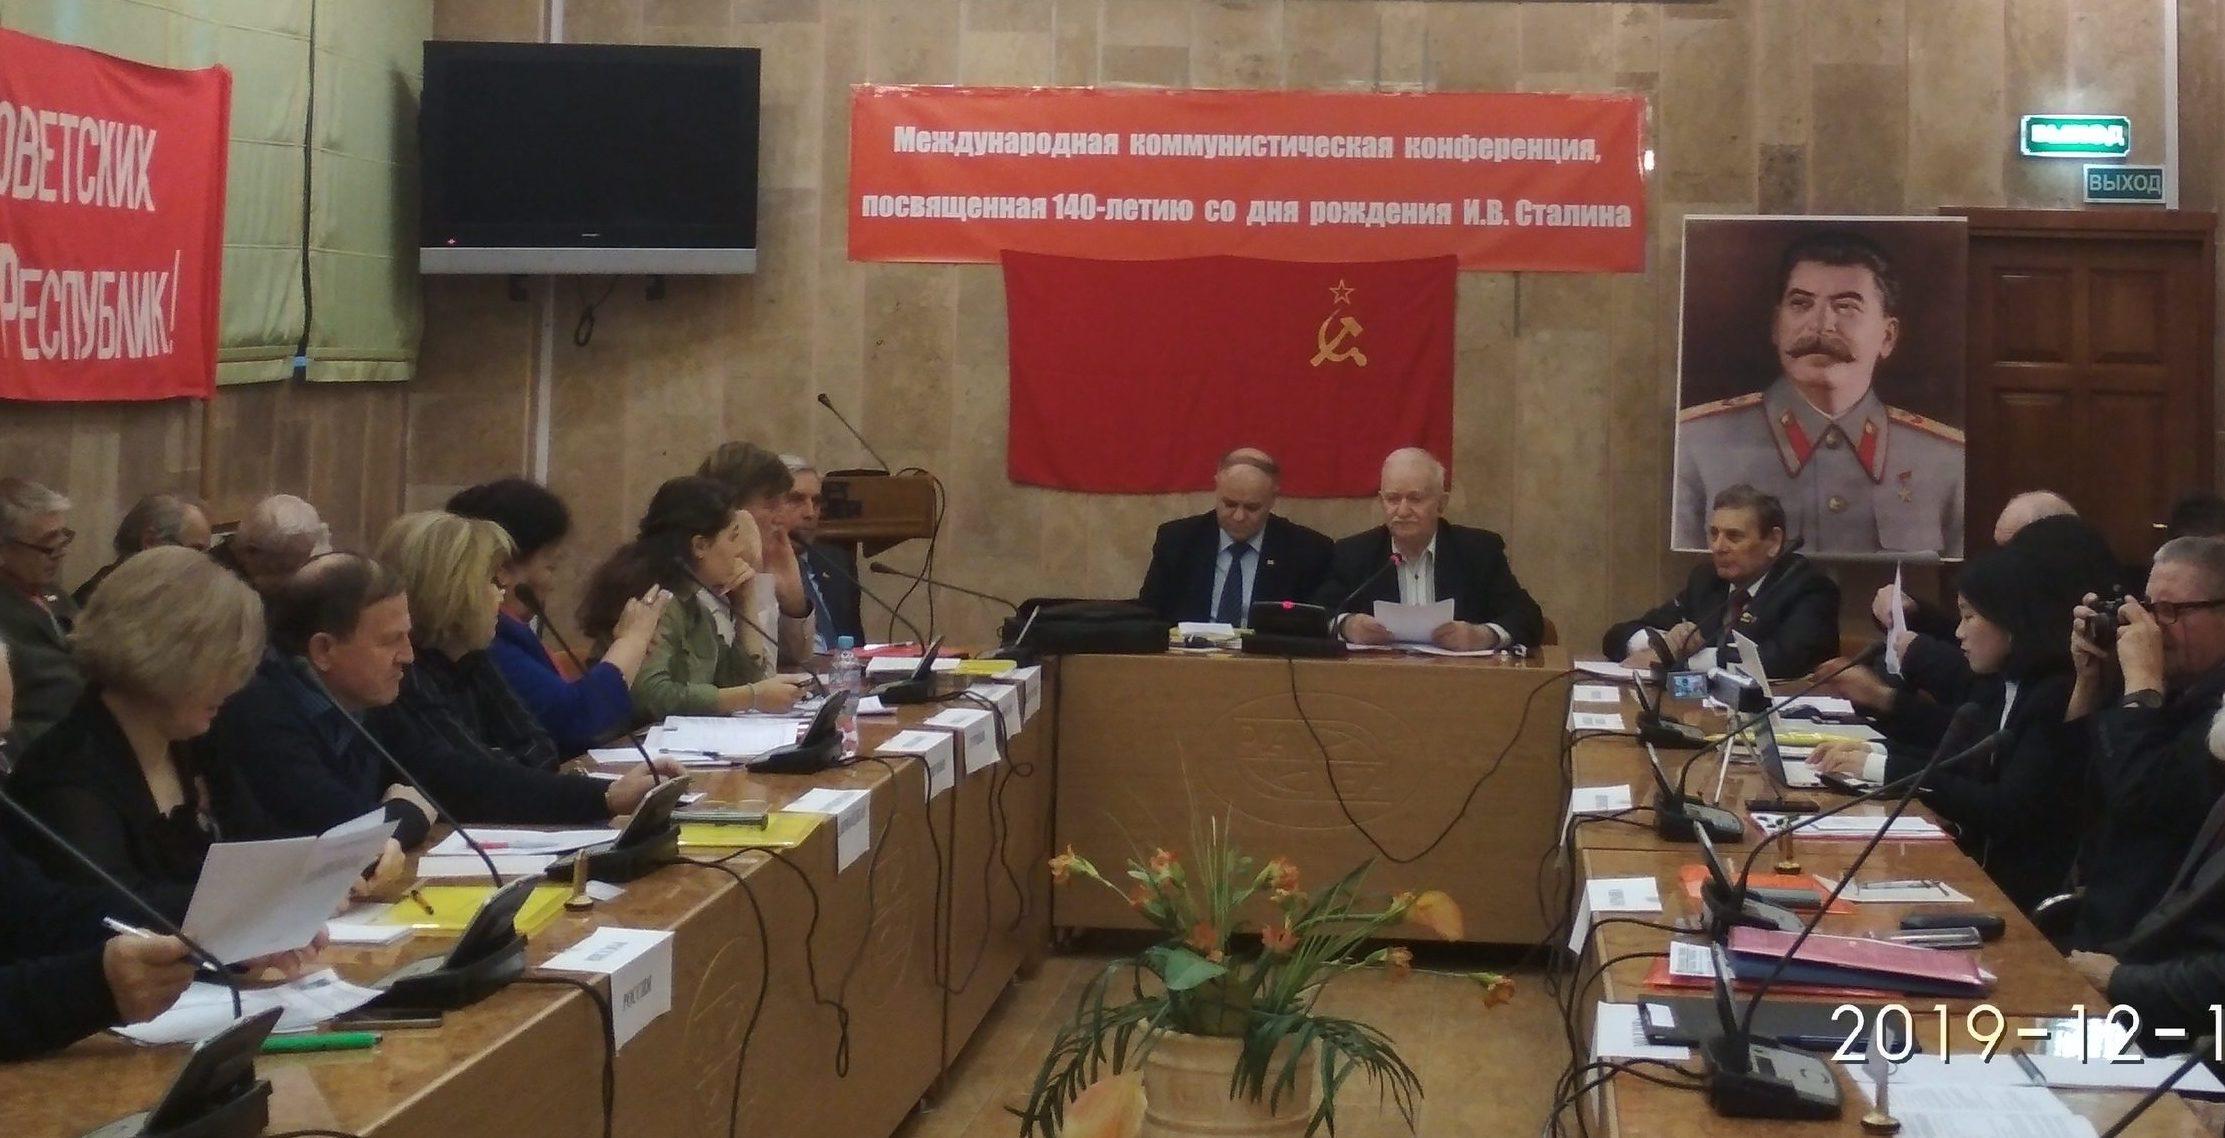 О международной конференции в Минске, посвящённой  140-летию со дня рождения И.В.Сталина.